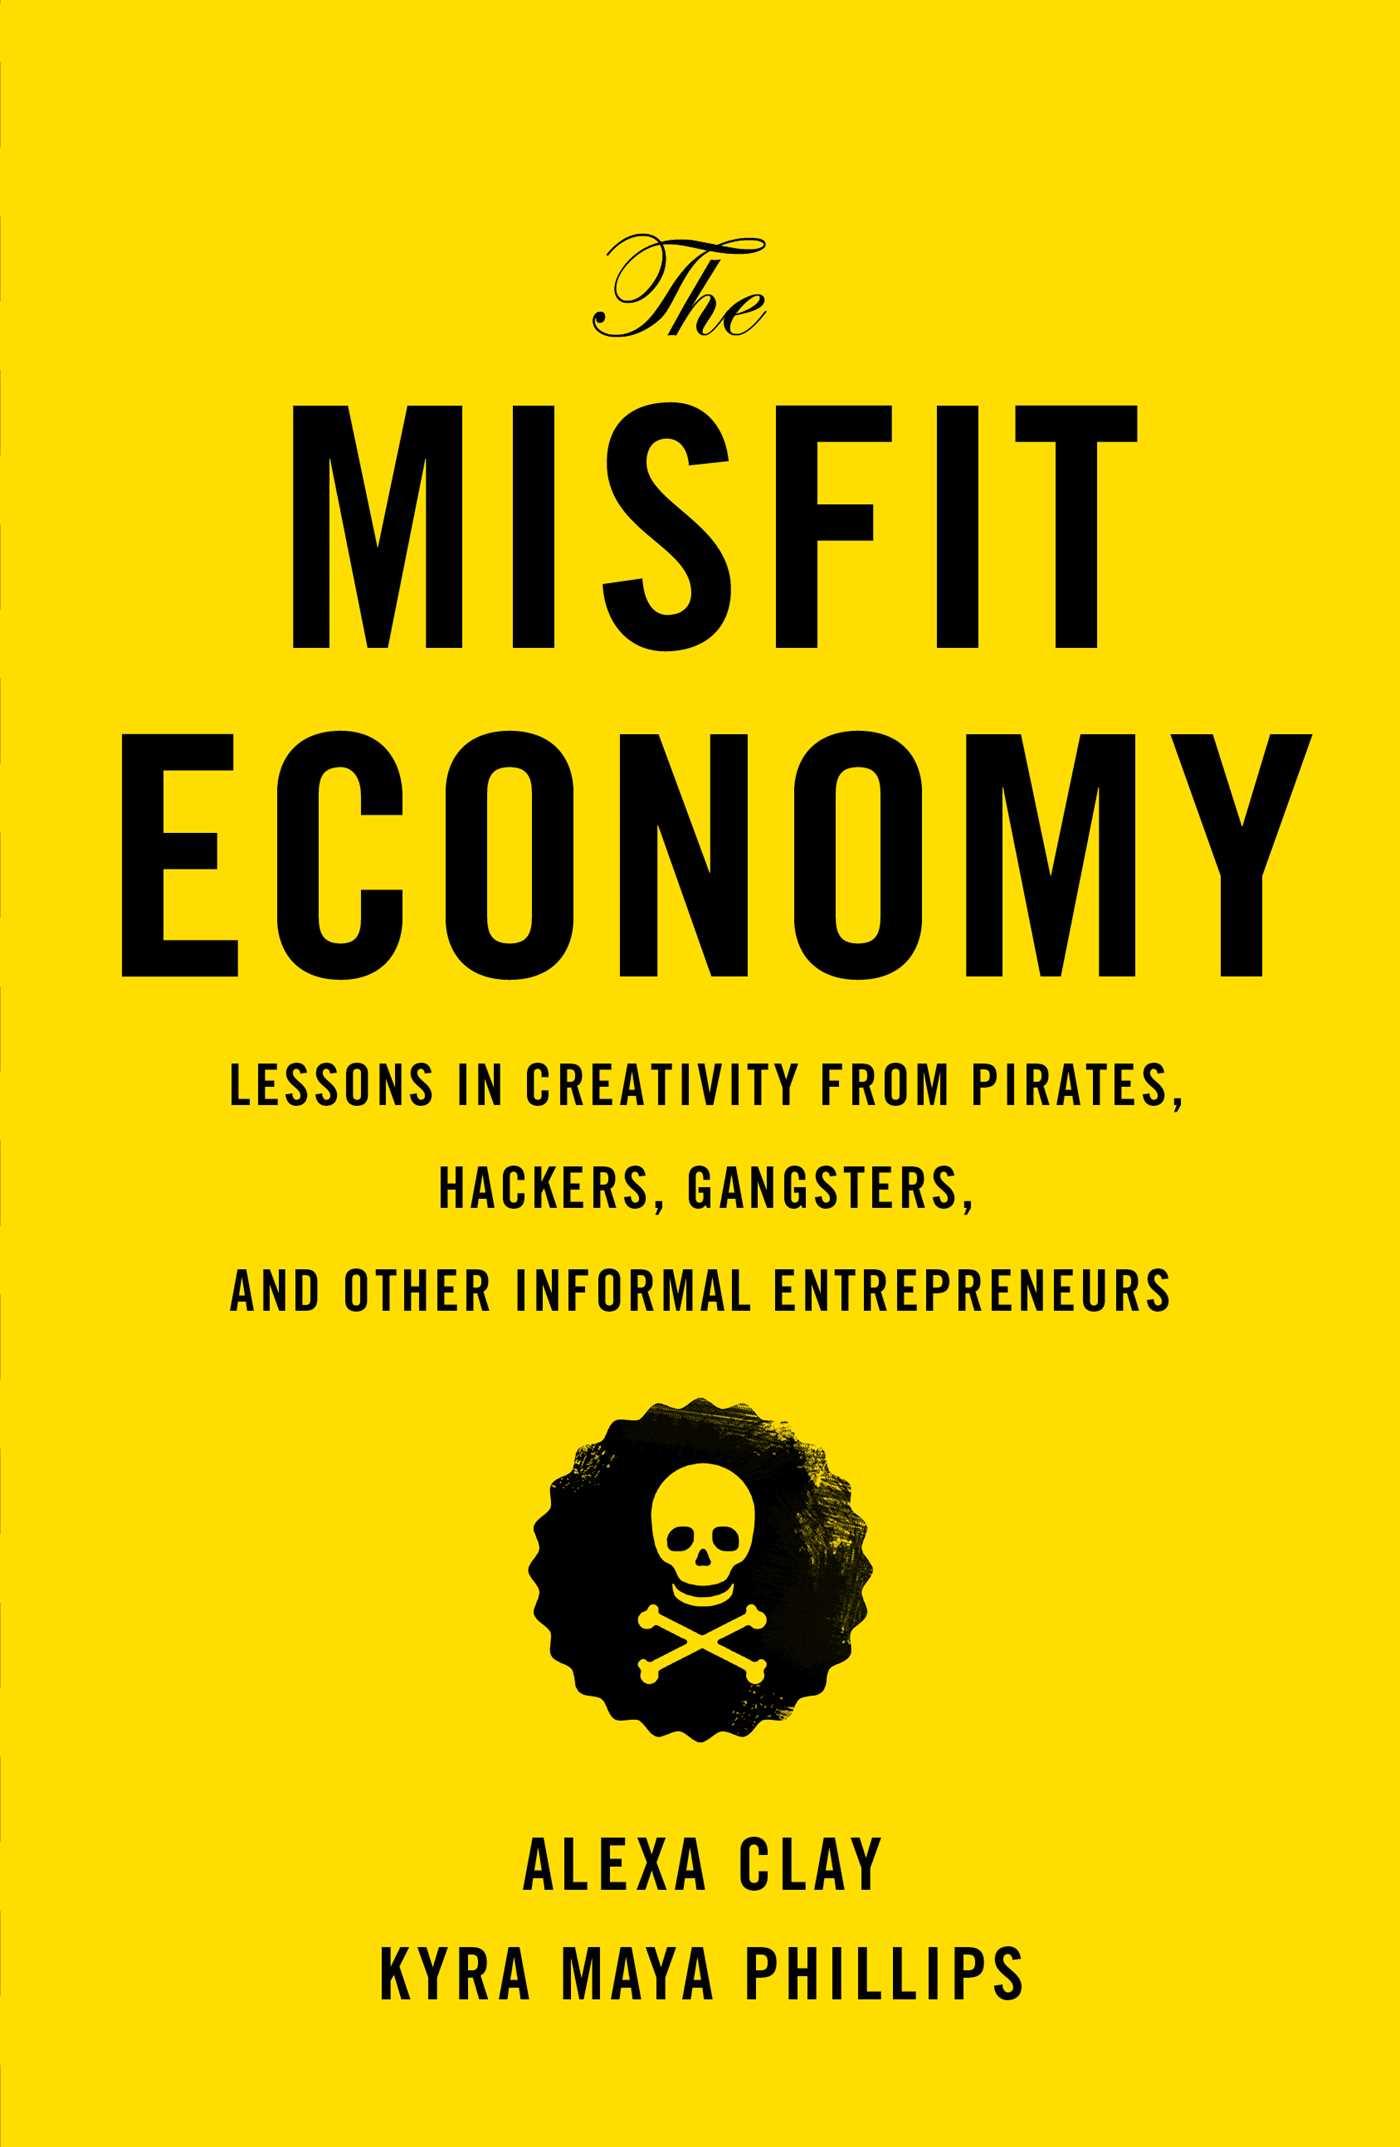 The Misfit Economy | Book by Alexa Clay, Kyra Maya Phillips